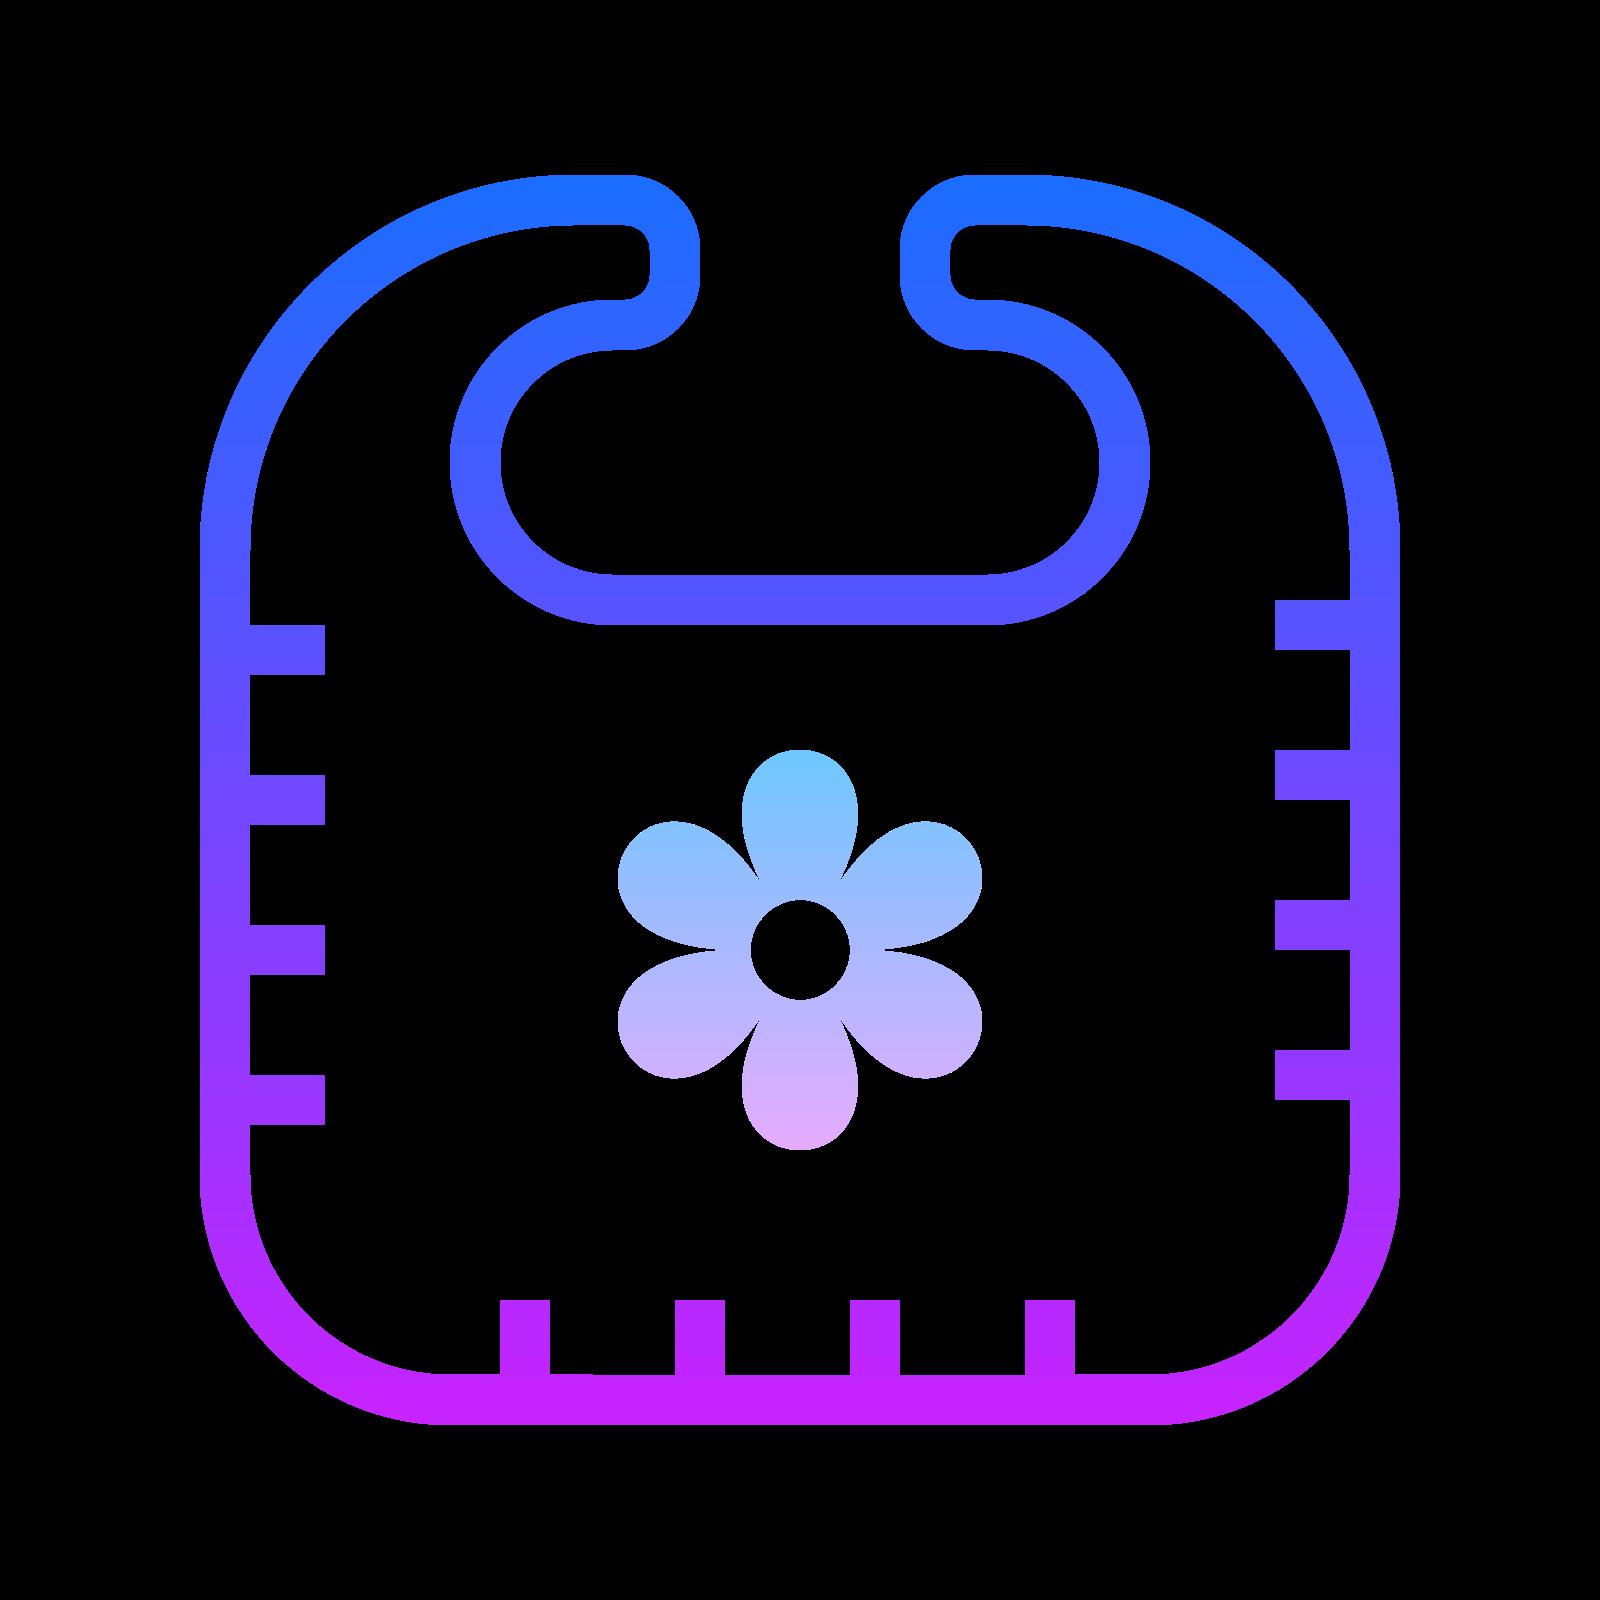 Śliniaczek icon